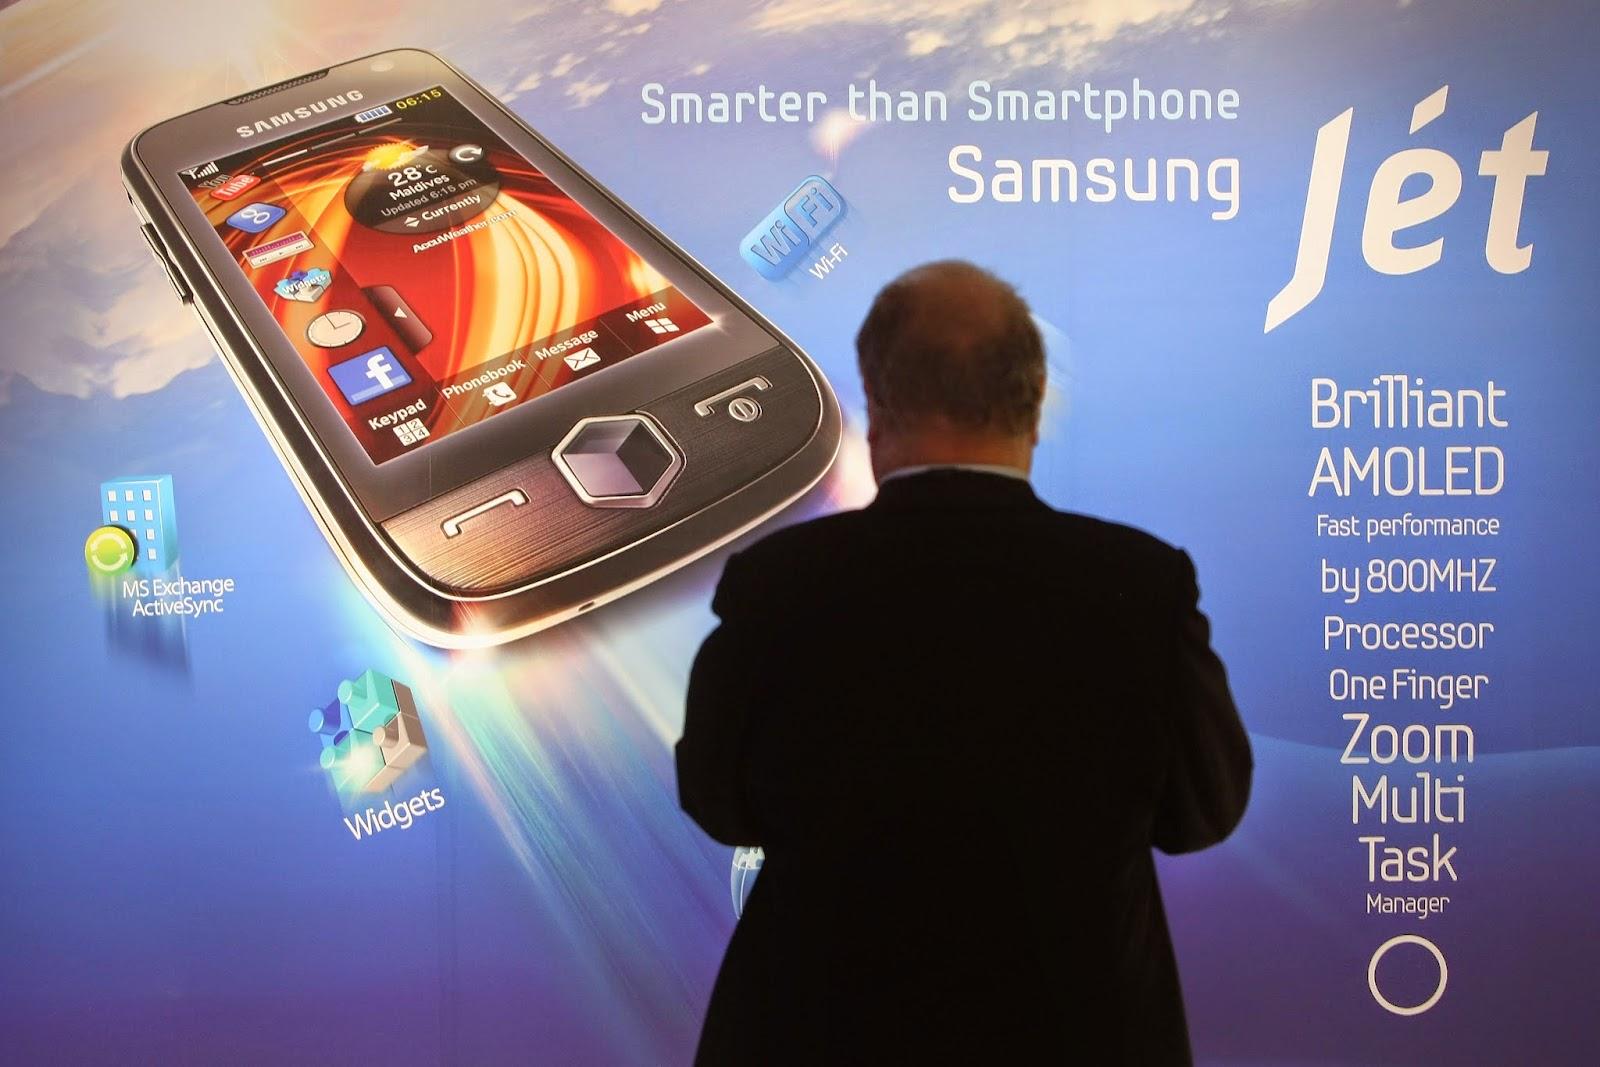 Мобильные телефоны Samsung с богатым функционалом и отличными дизайнерскими разработками история компании и обзор продукции